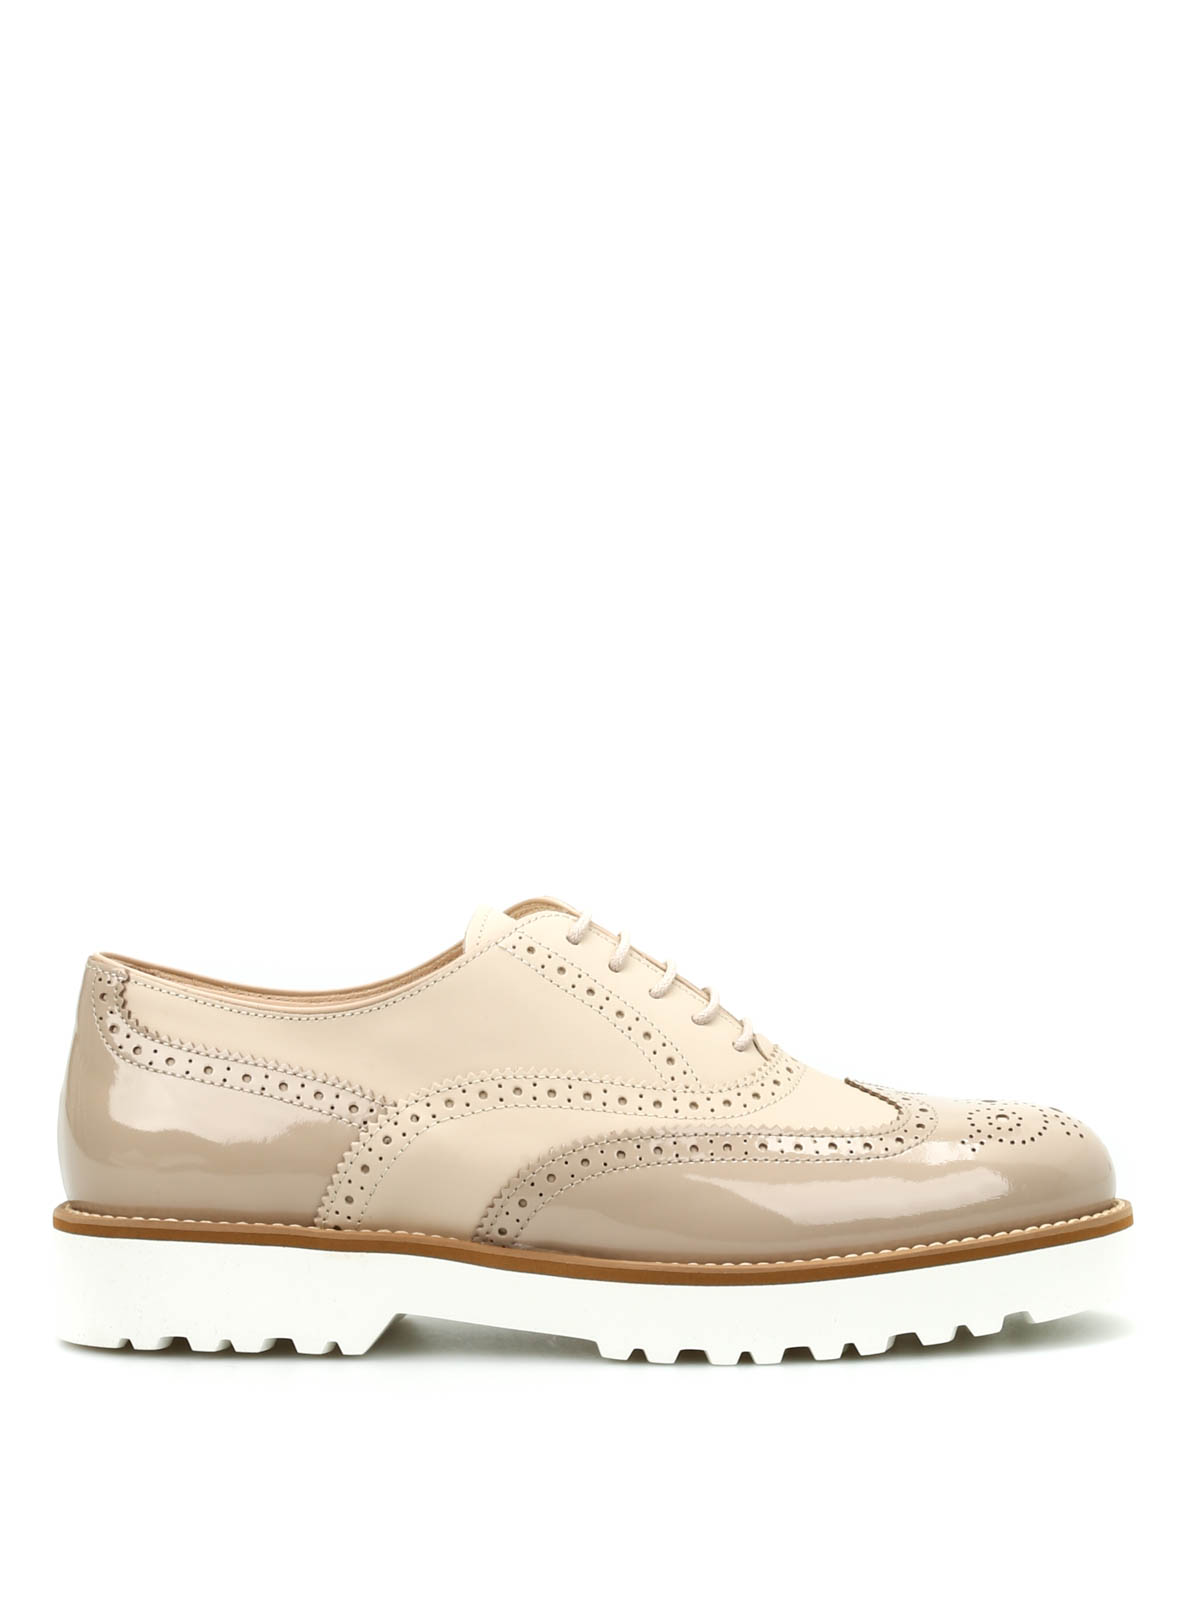 Lace-ups shoes Hogan - H259 Route Francesina Bucature ...